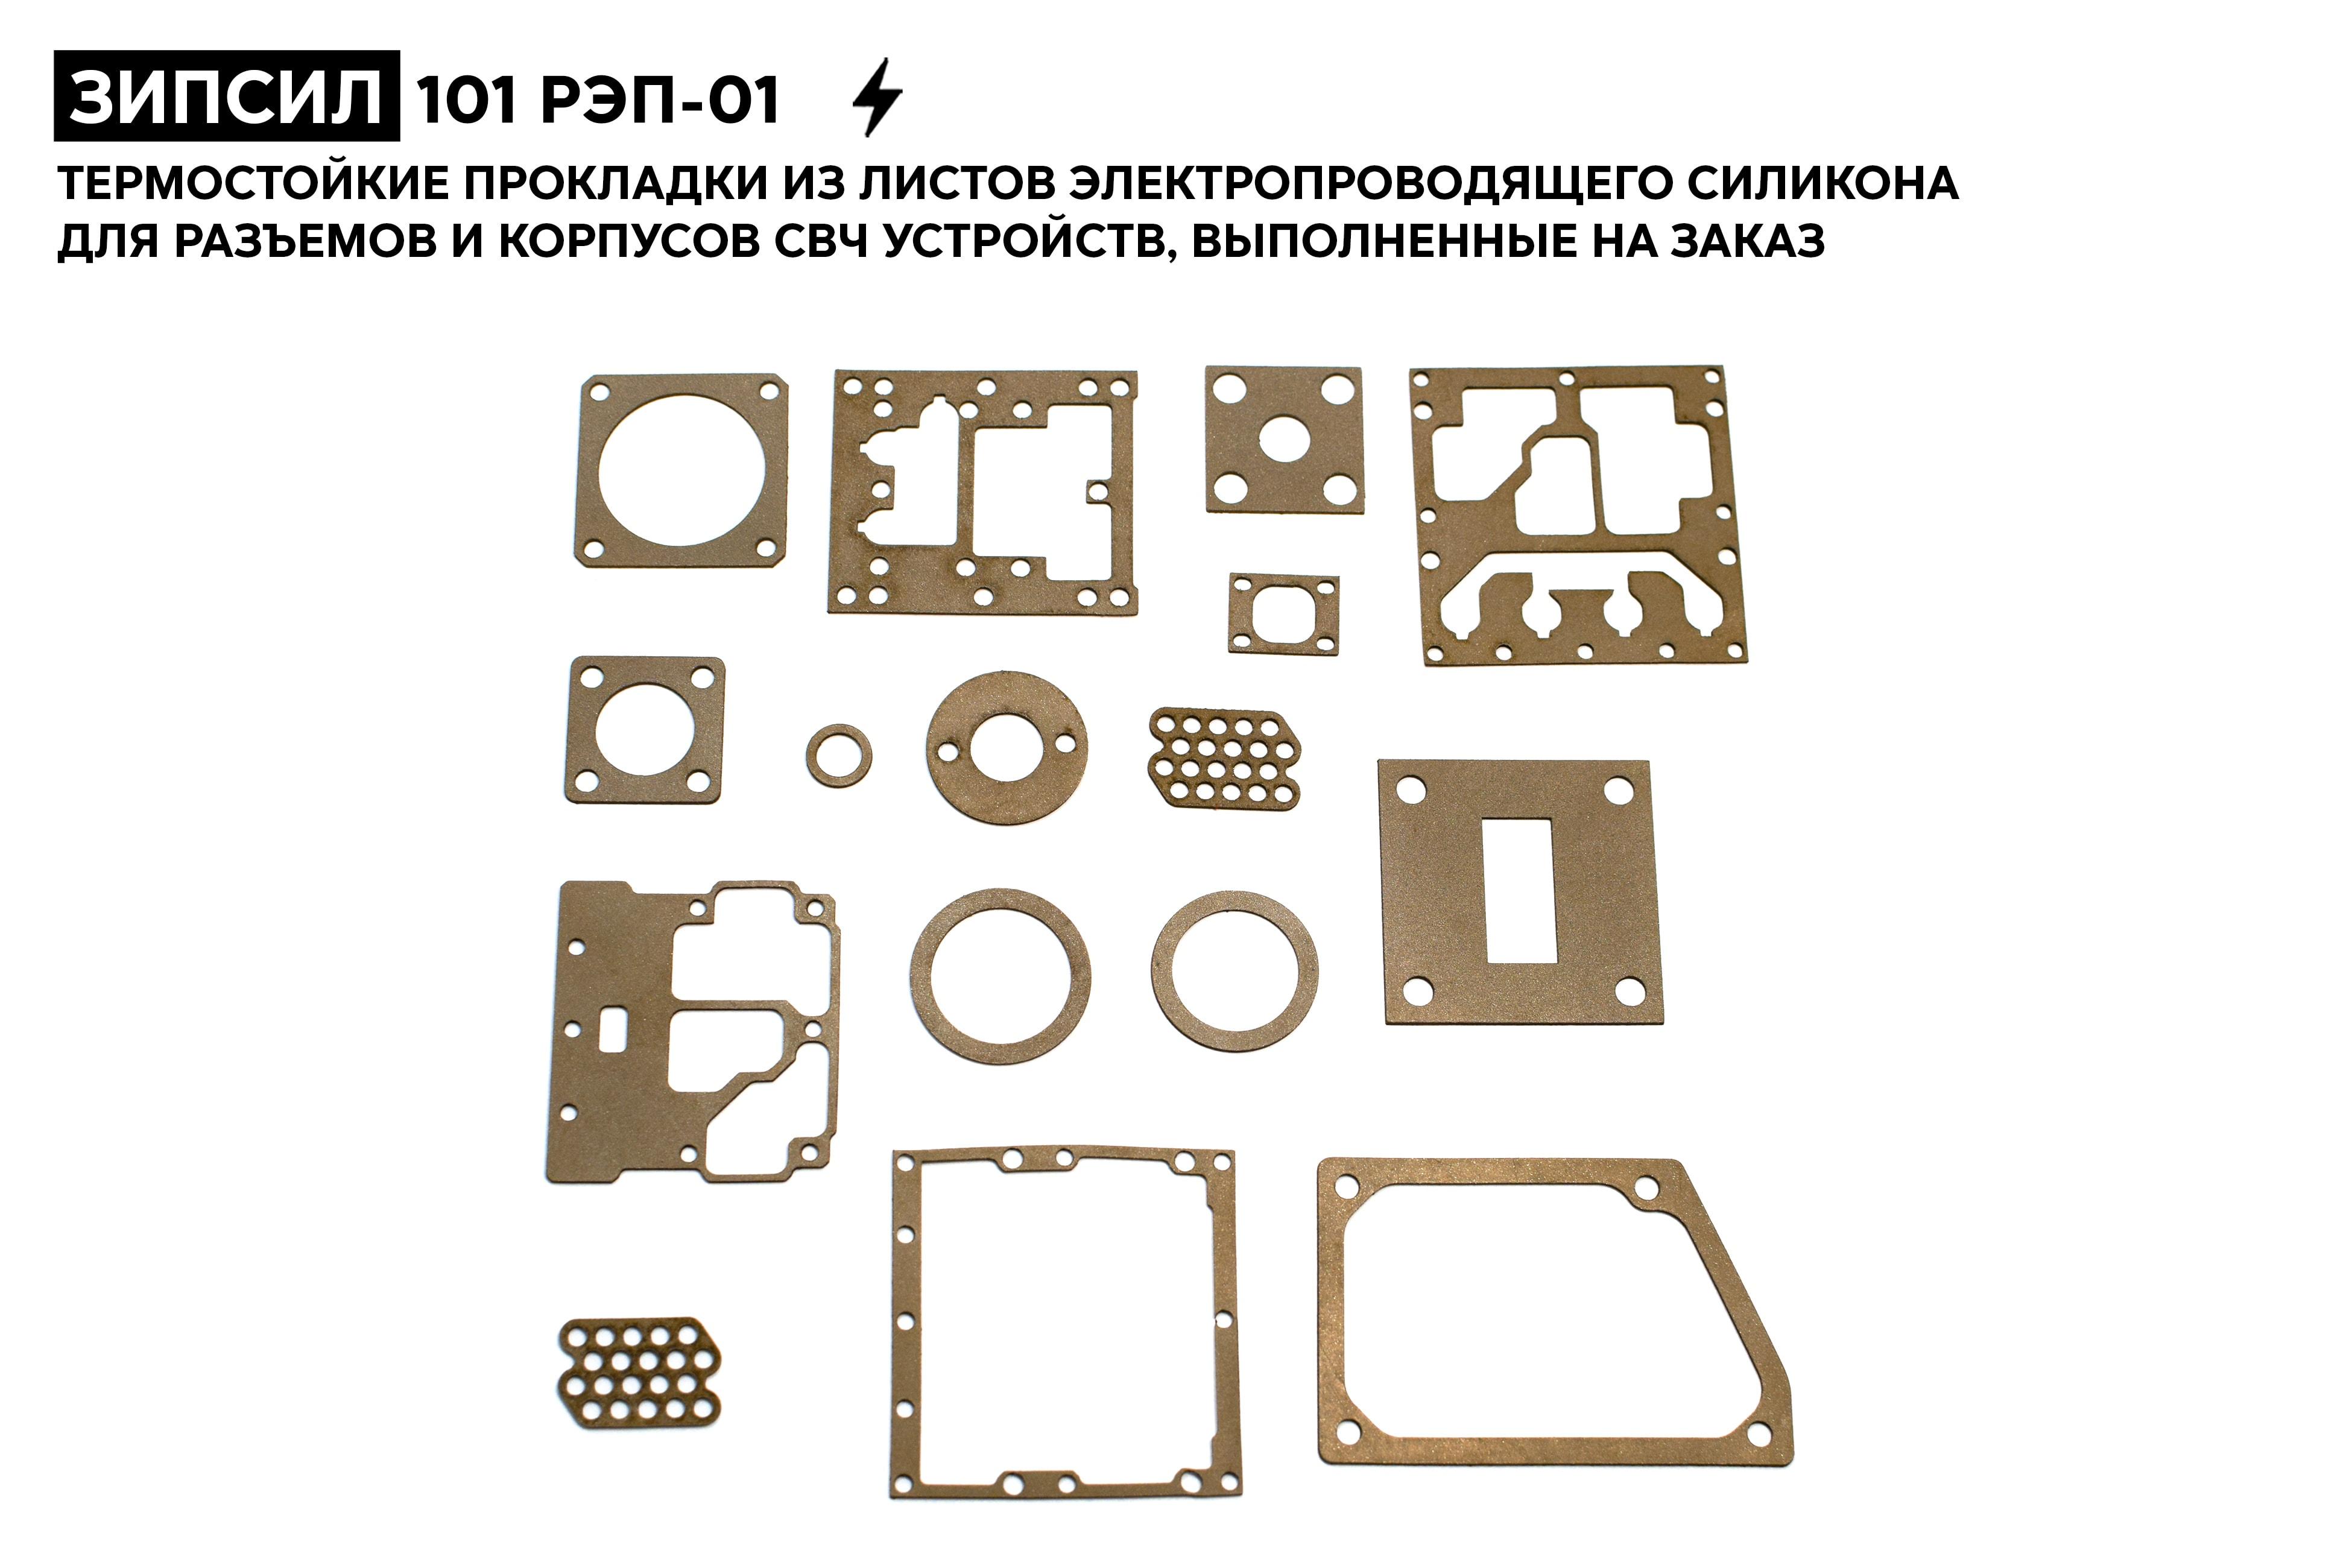 Резиновые токопроводящие уплотнительные прокладки из материала ЗИПСИЛ РЭП-01 для разъемов, корпусов и фланцев. Выполнены по запросам заказчика для различных приборов. Сделаны в России.